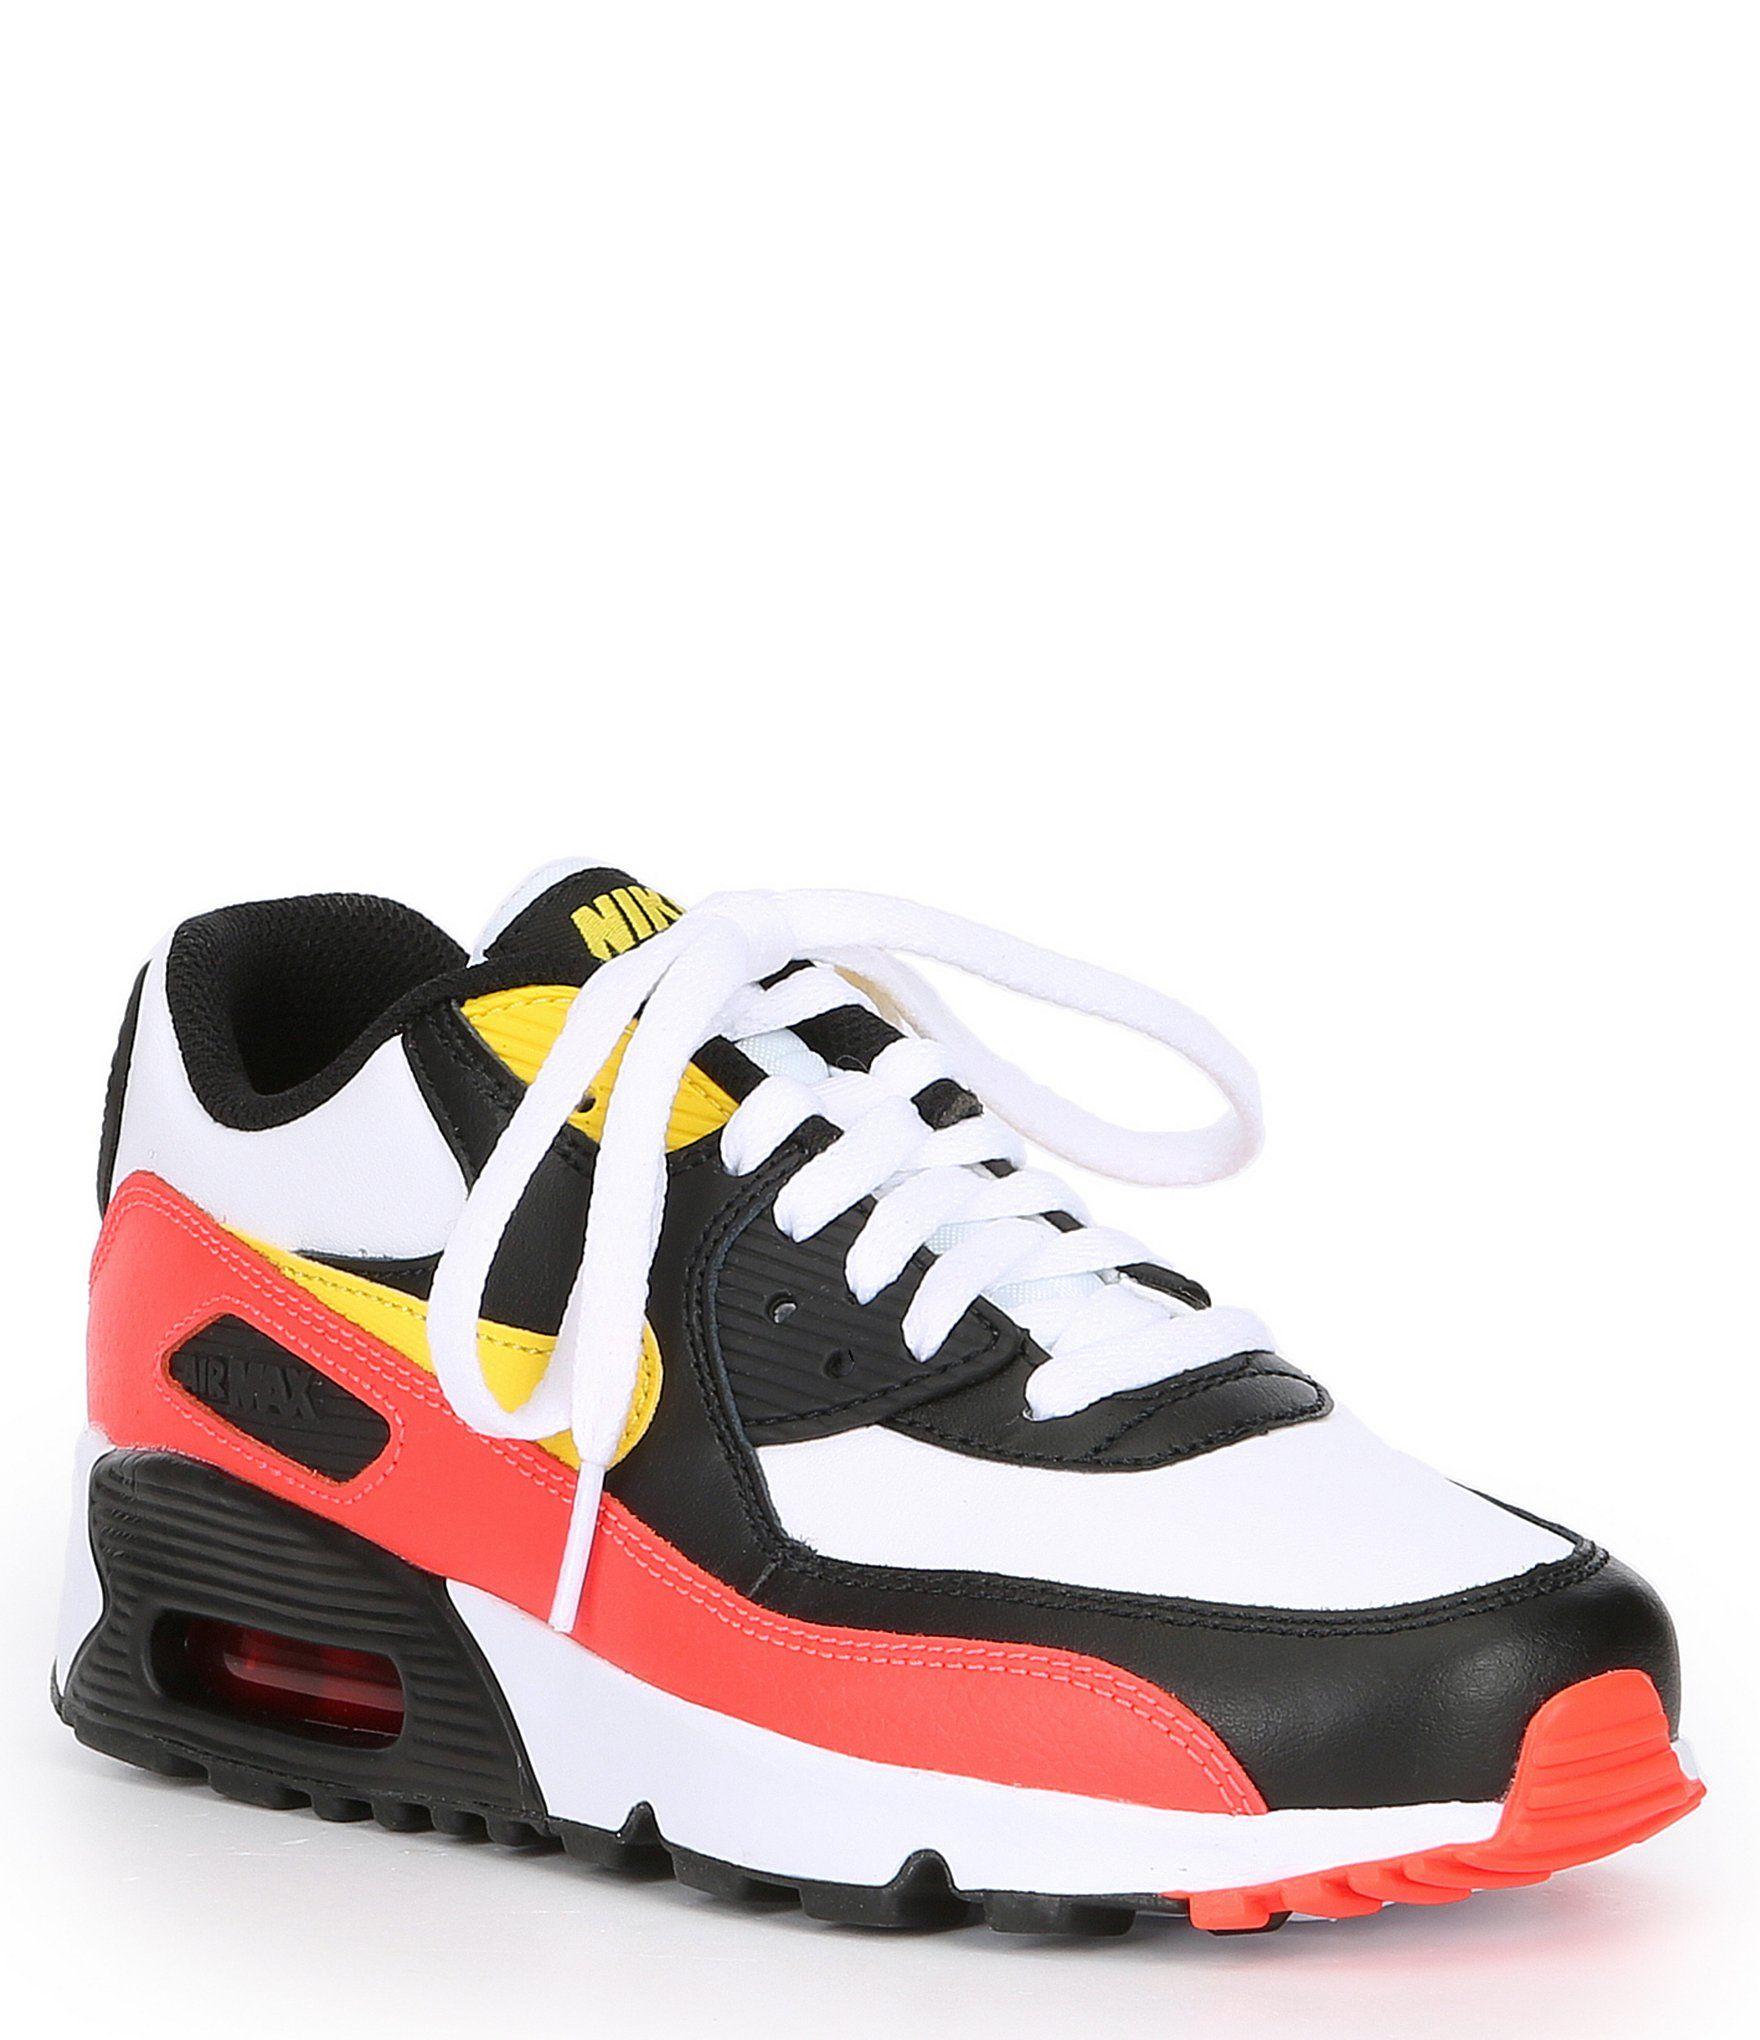 Nike Boys' Air Max 90 Lifestyle Shoes WhiteBlackBright